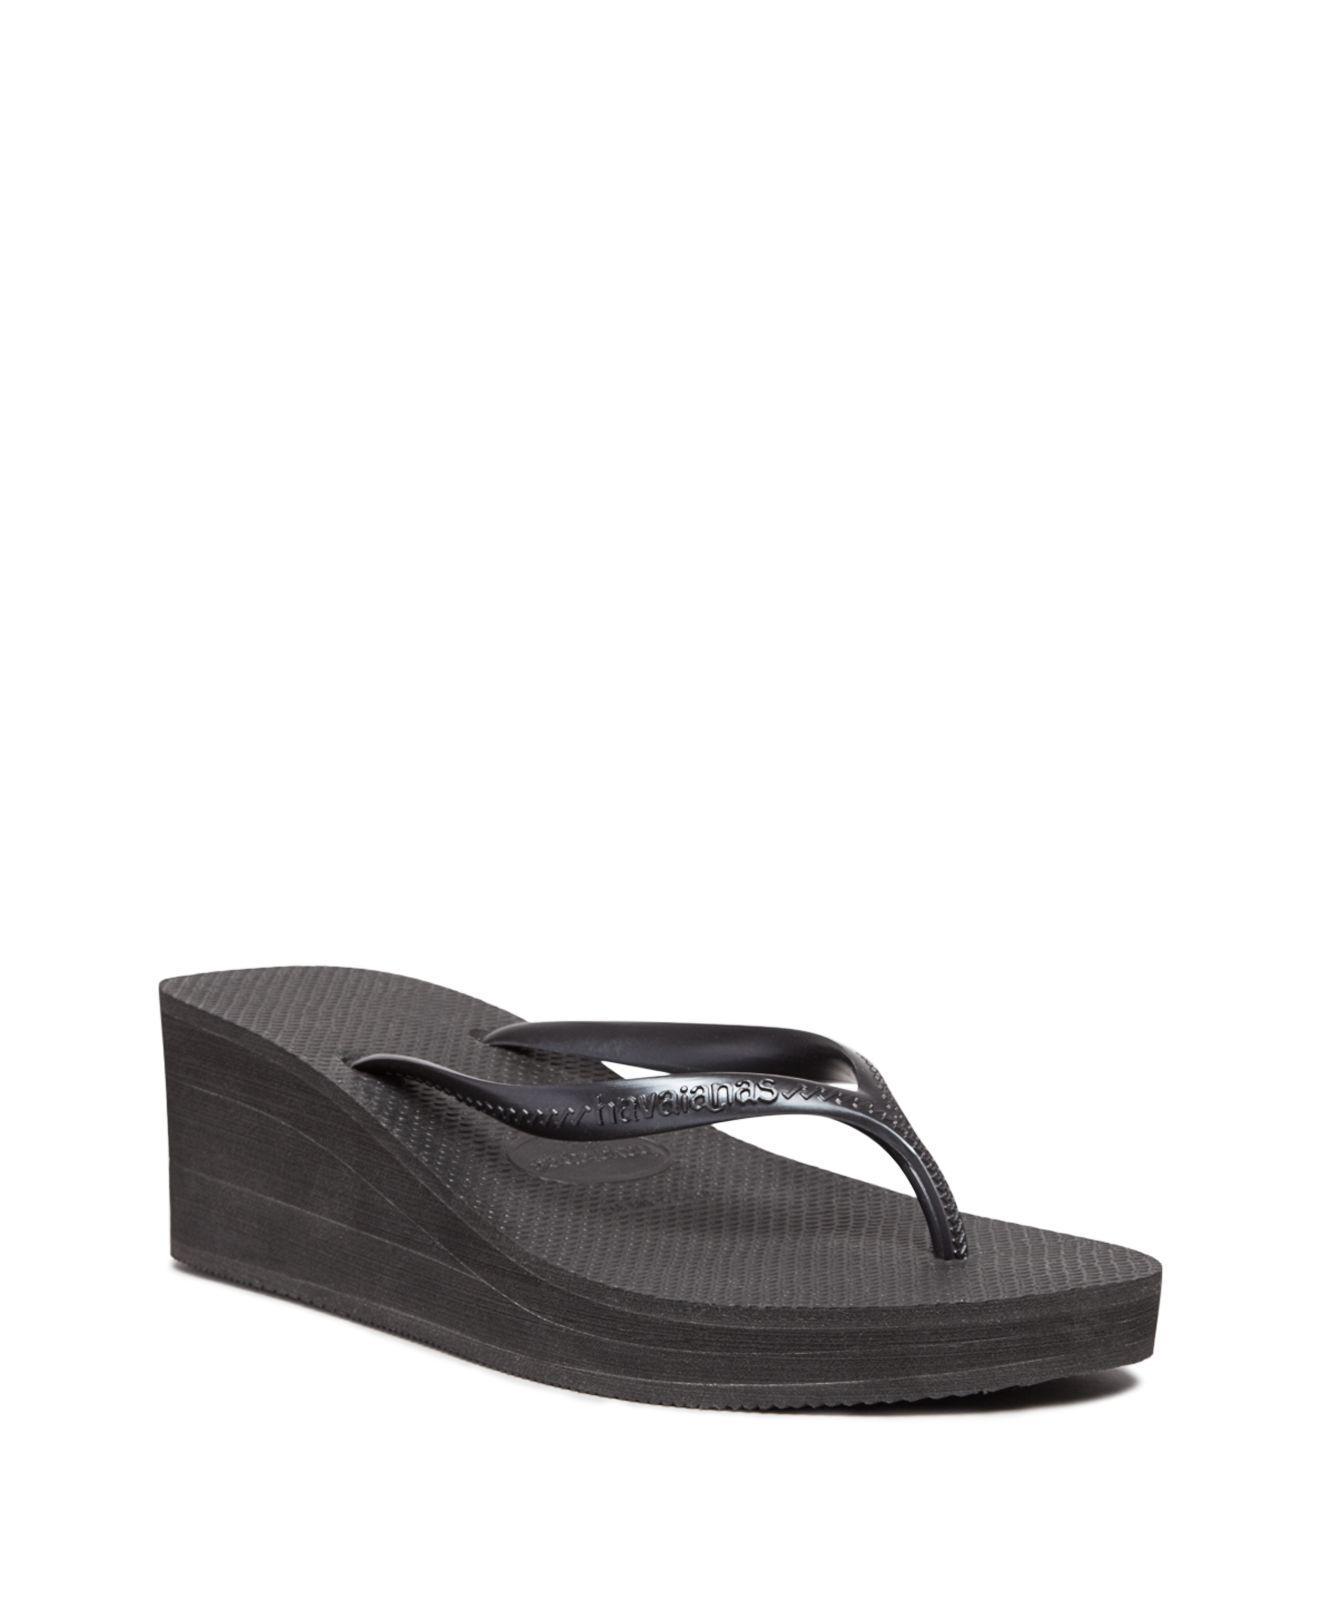 Havaianas Platform Wedge Flip-Flops - High Fashion In Black  Lyst-3530